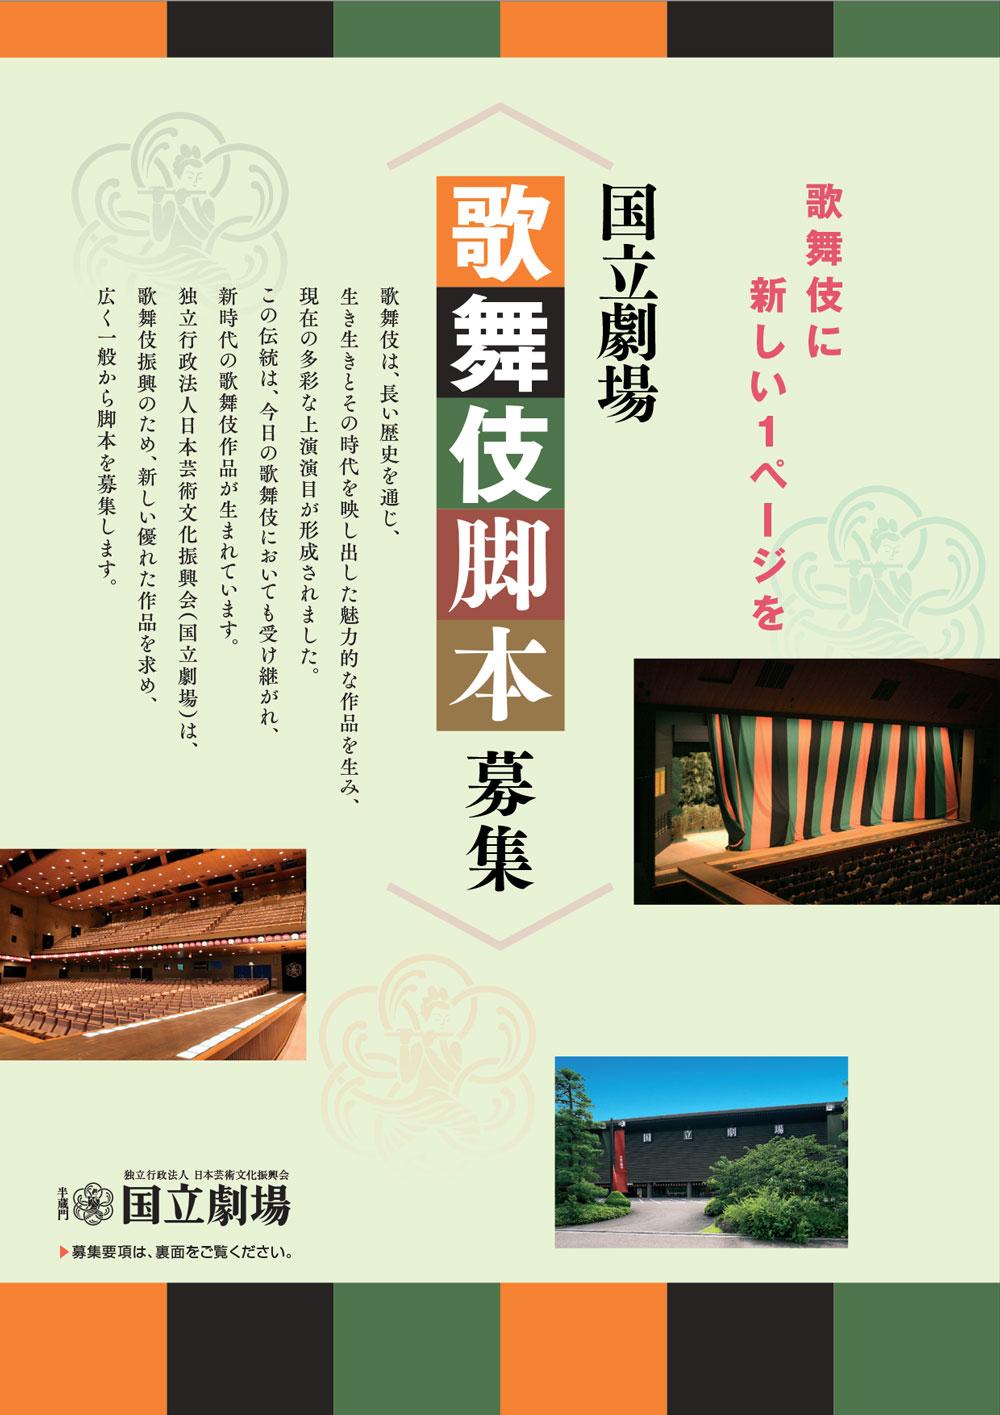 会 振興 芸術 日本 文化